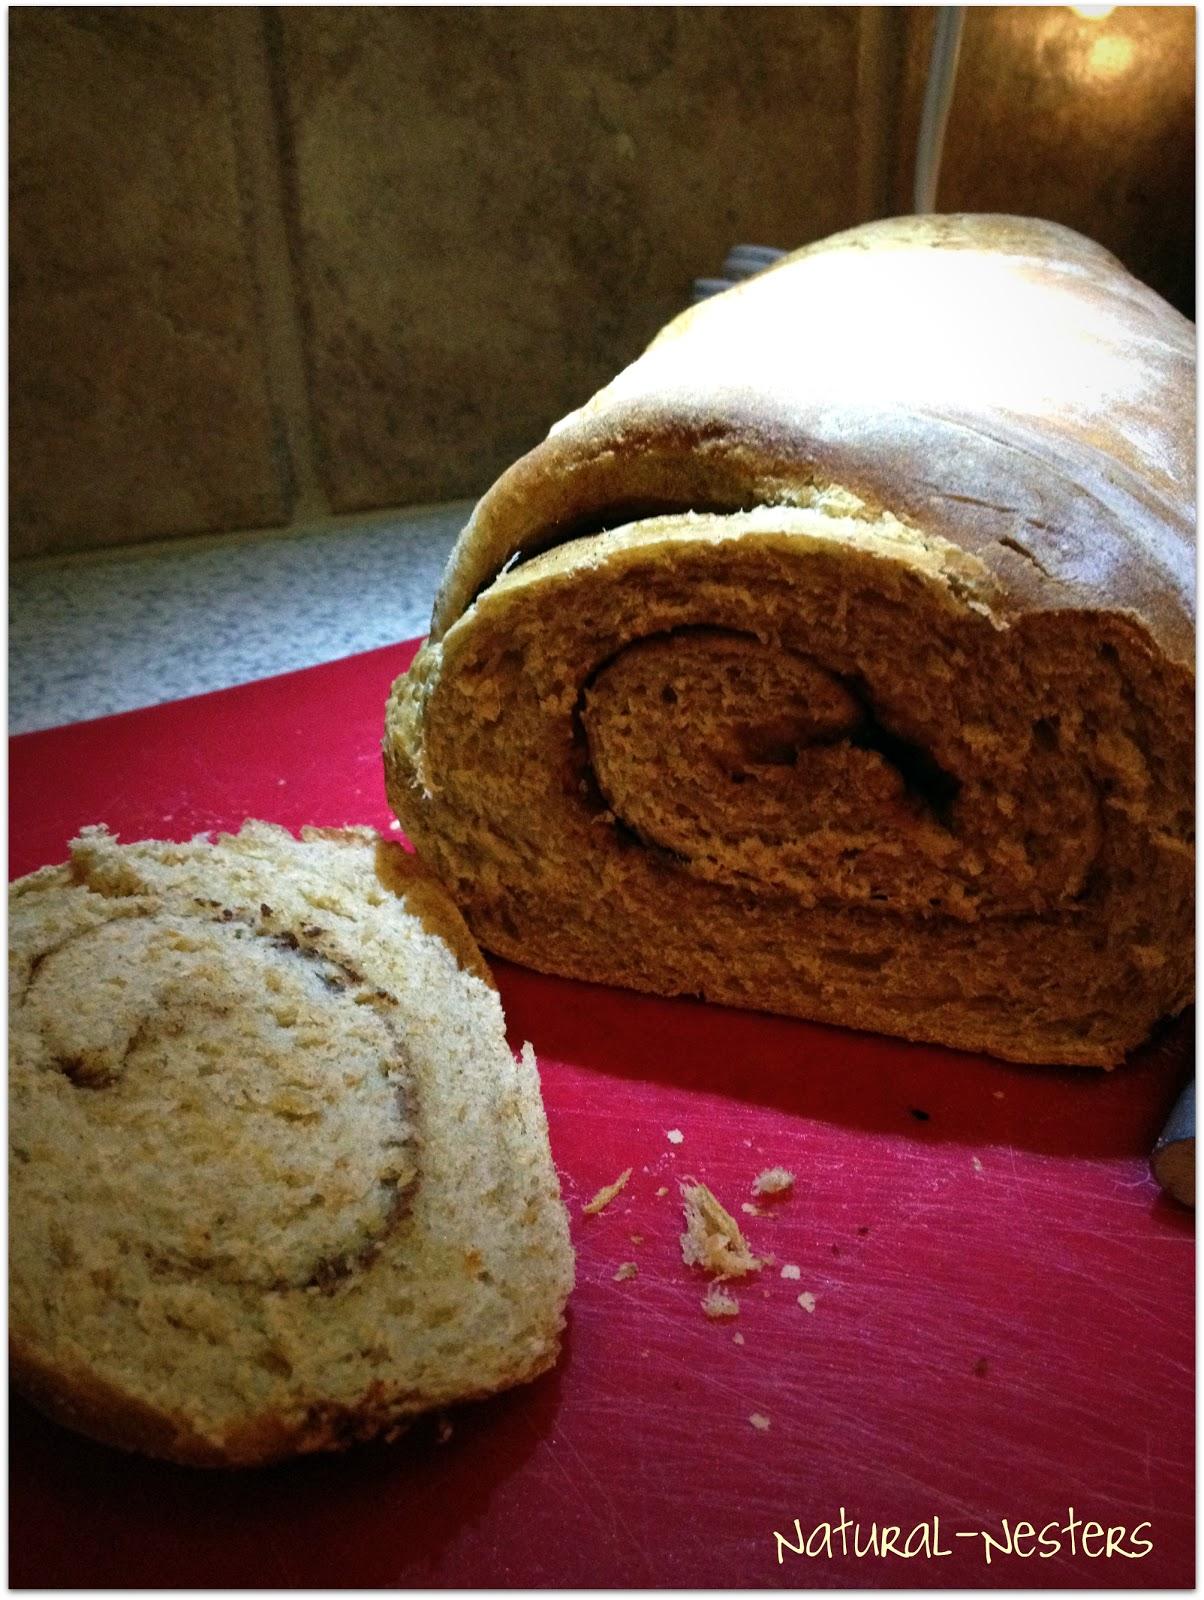 Natural Nesters: Cinnamon-Swirl Wheat Bread